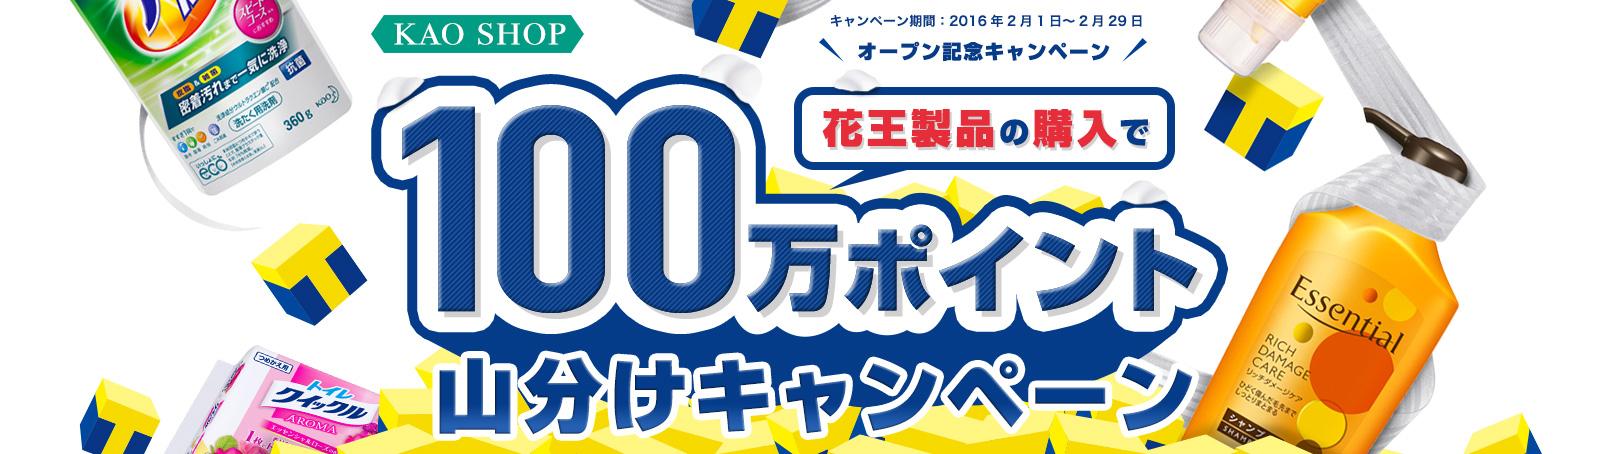 KAO SHOP オープン記念キャンペーン 花王製品の購入で100万ポイント山分けキャンペーン キャンペーン期間:2016年2月1日〜2月29日